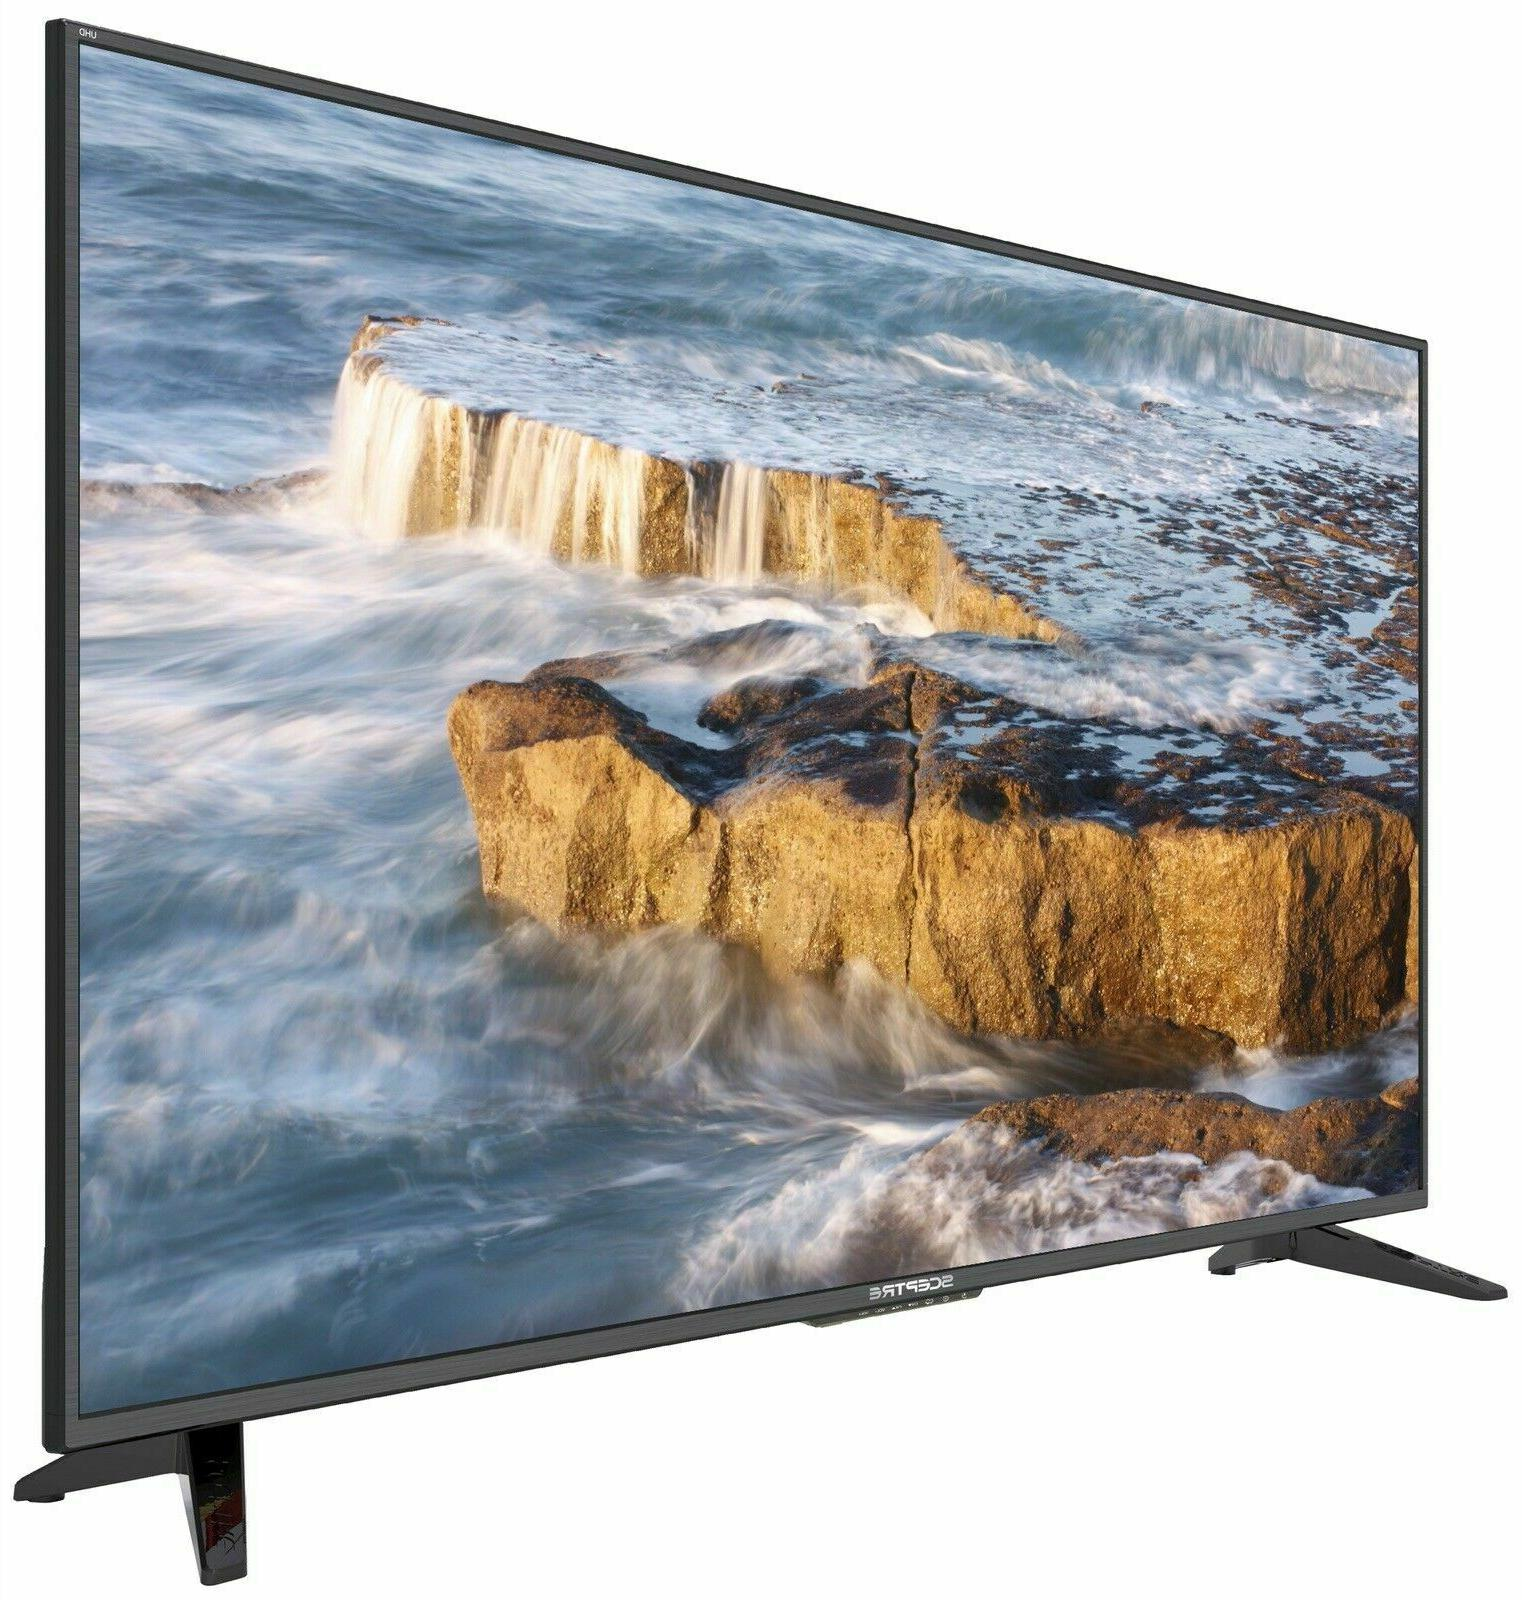 Sceptre 4K UHD TV HDR